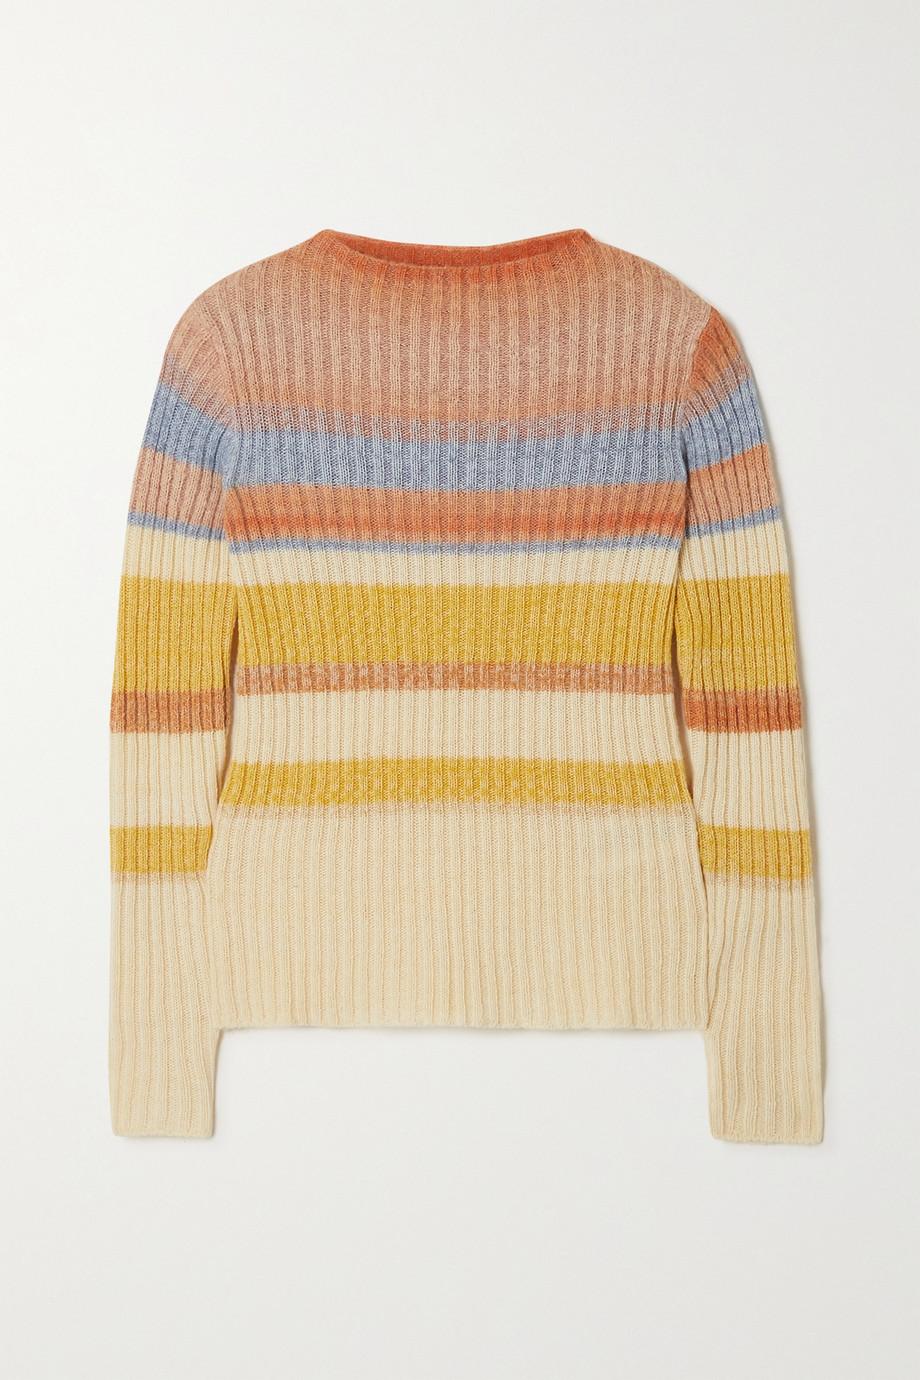 Etro Pull en laine mélangée côtelée à rayures